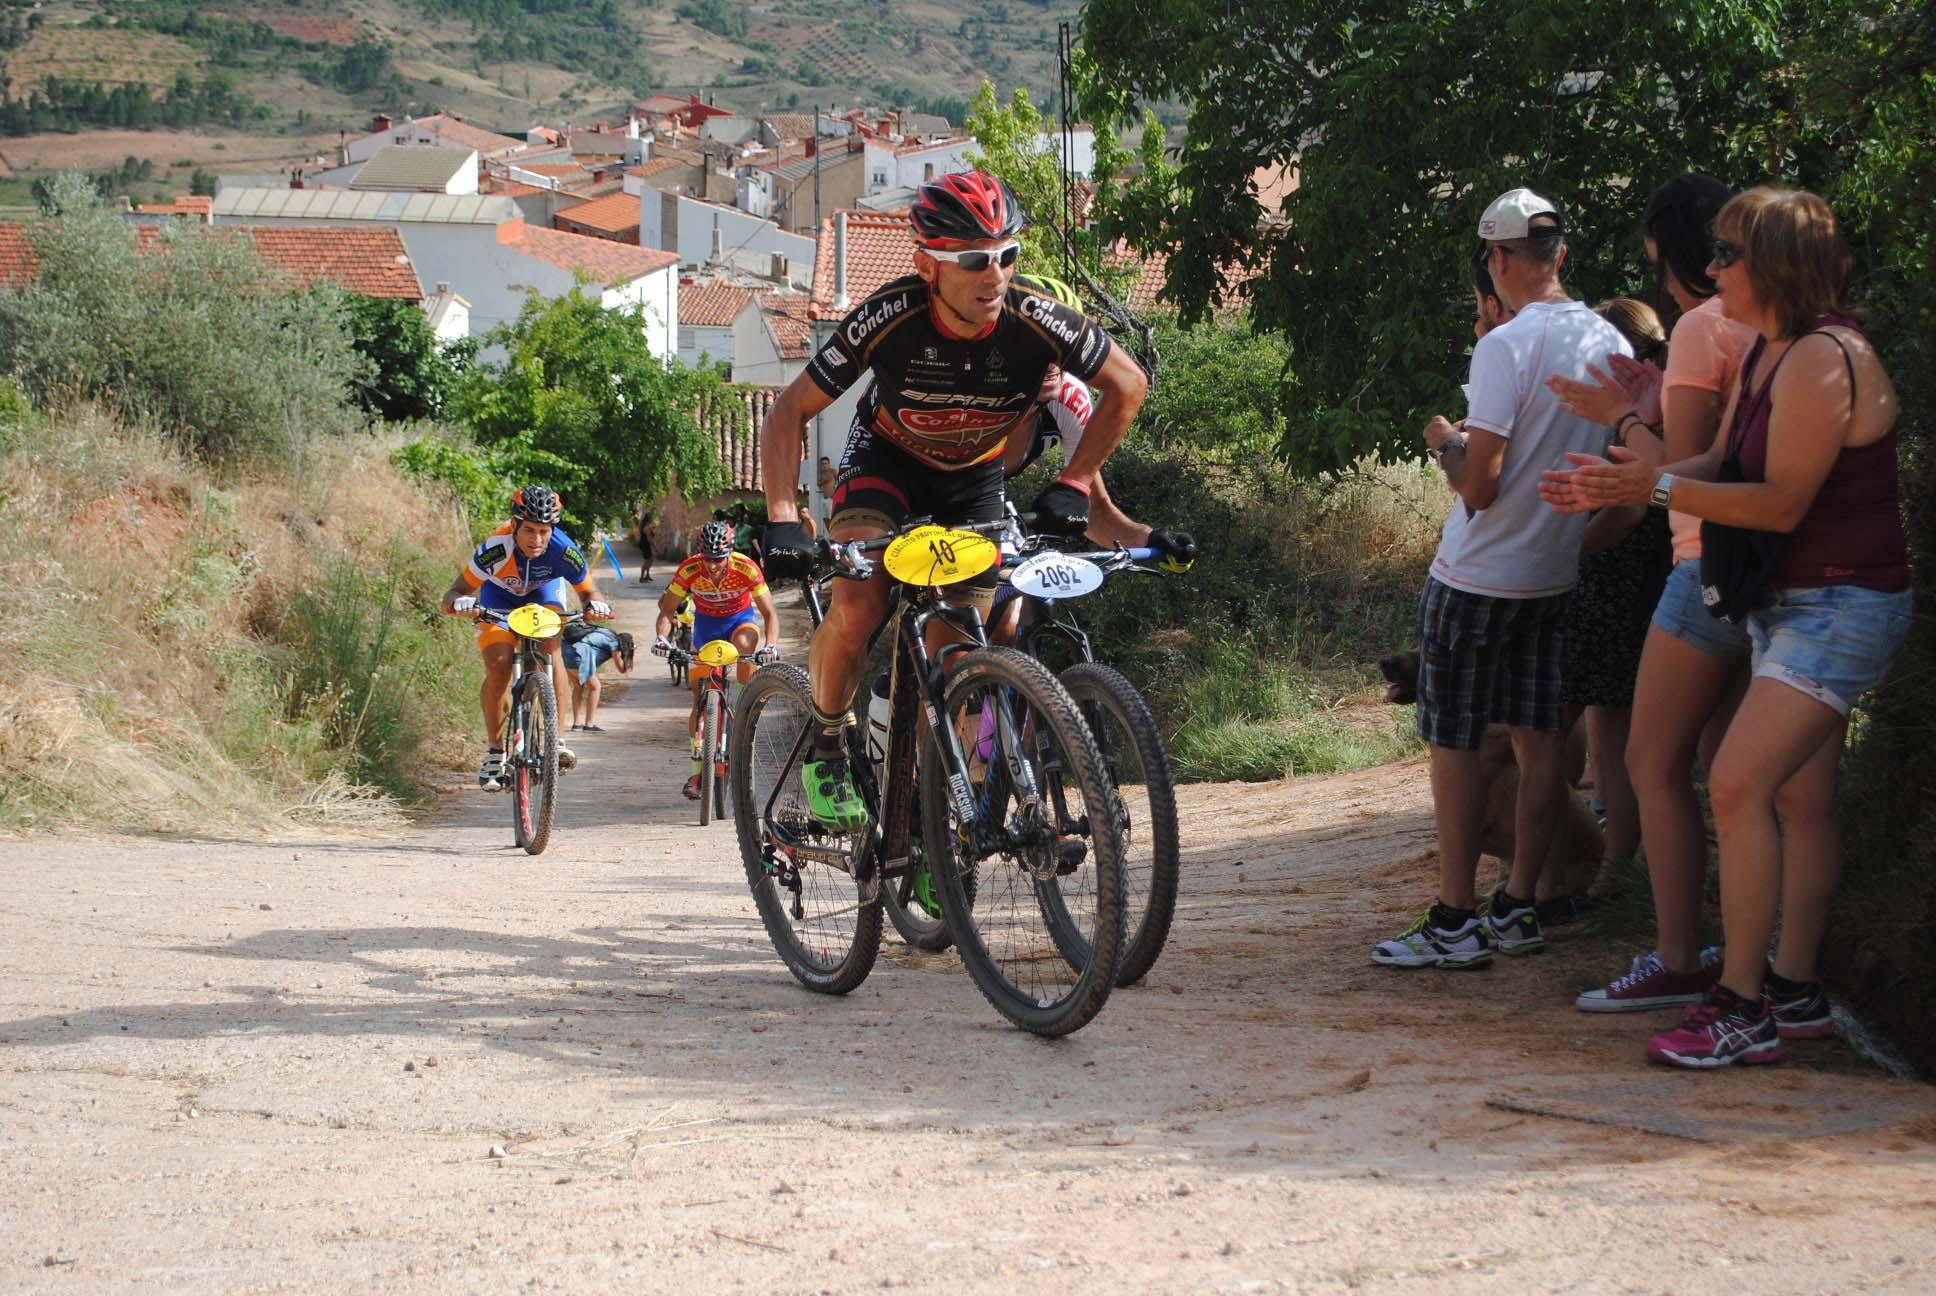 Juan Moya, vencedor en la prueba BTT de La Vegallera (Foto: Prodepor)